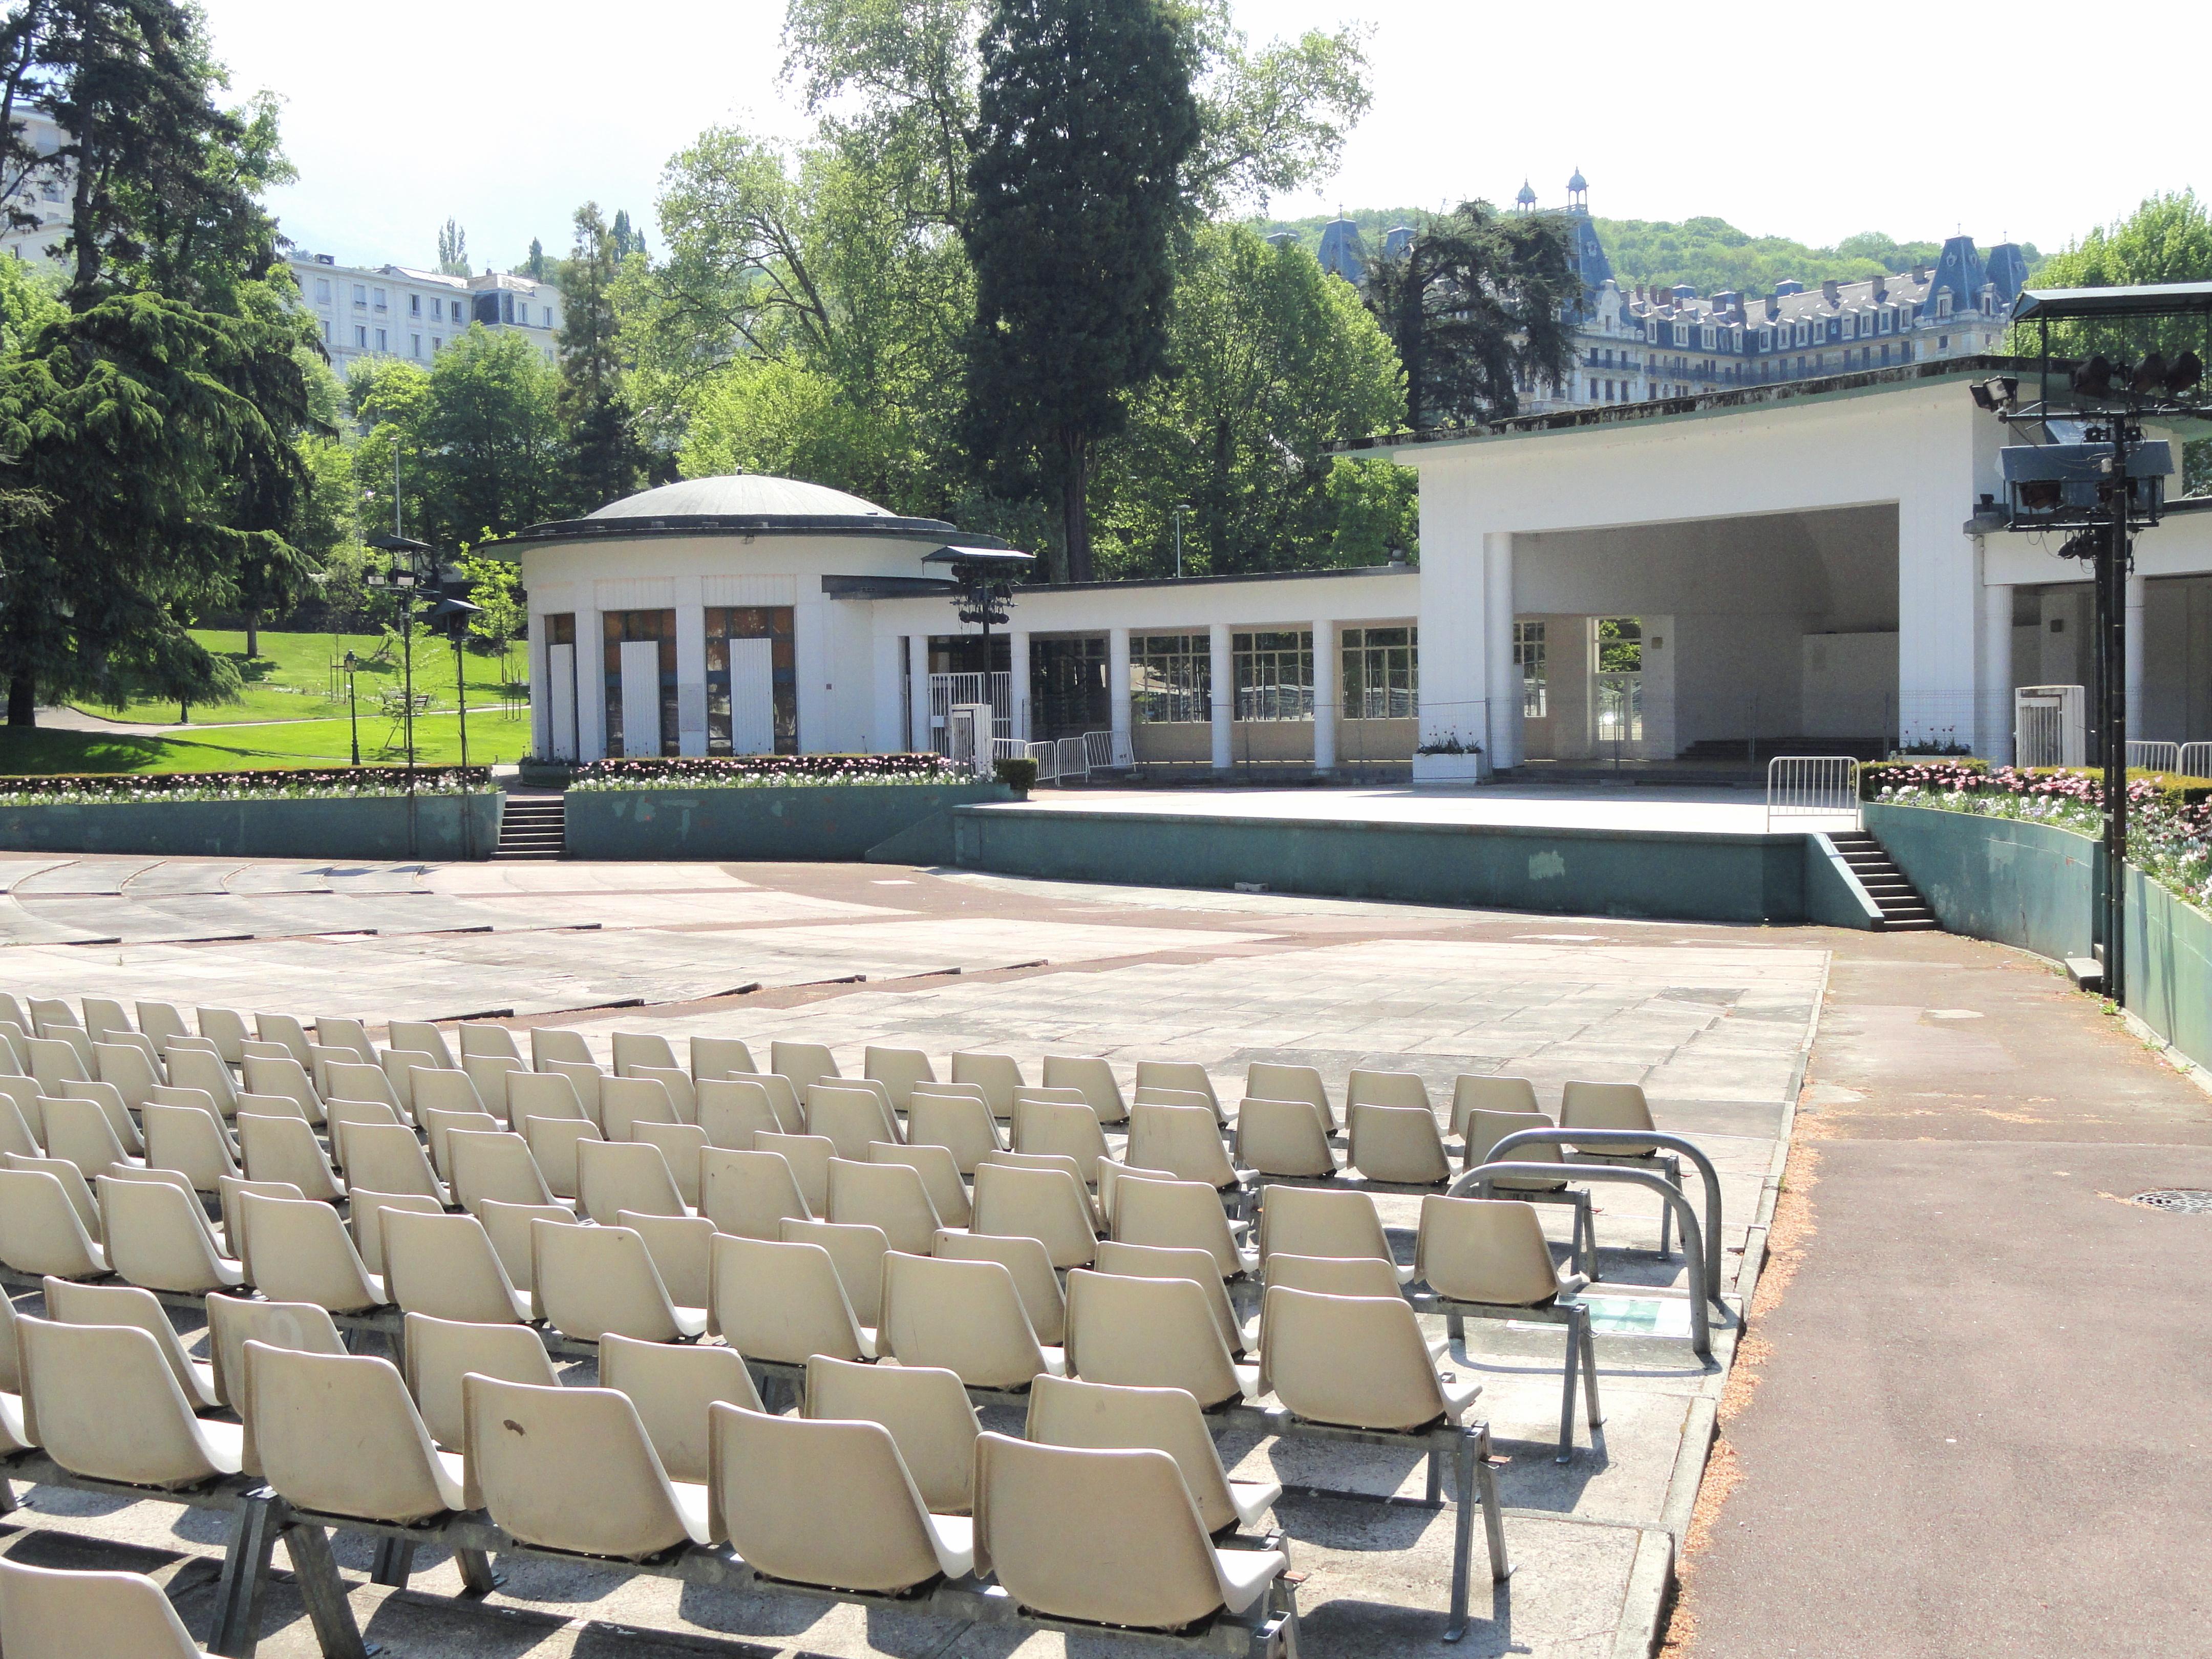 File:Théâtre de Verdure (Aix-les-Bains) - DSC05142.jpg - Wikimedia ...